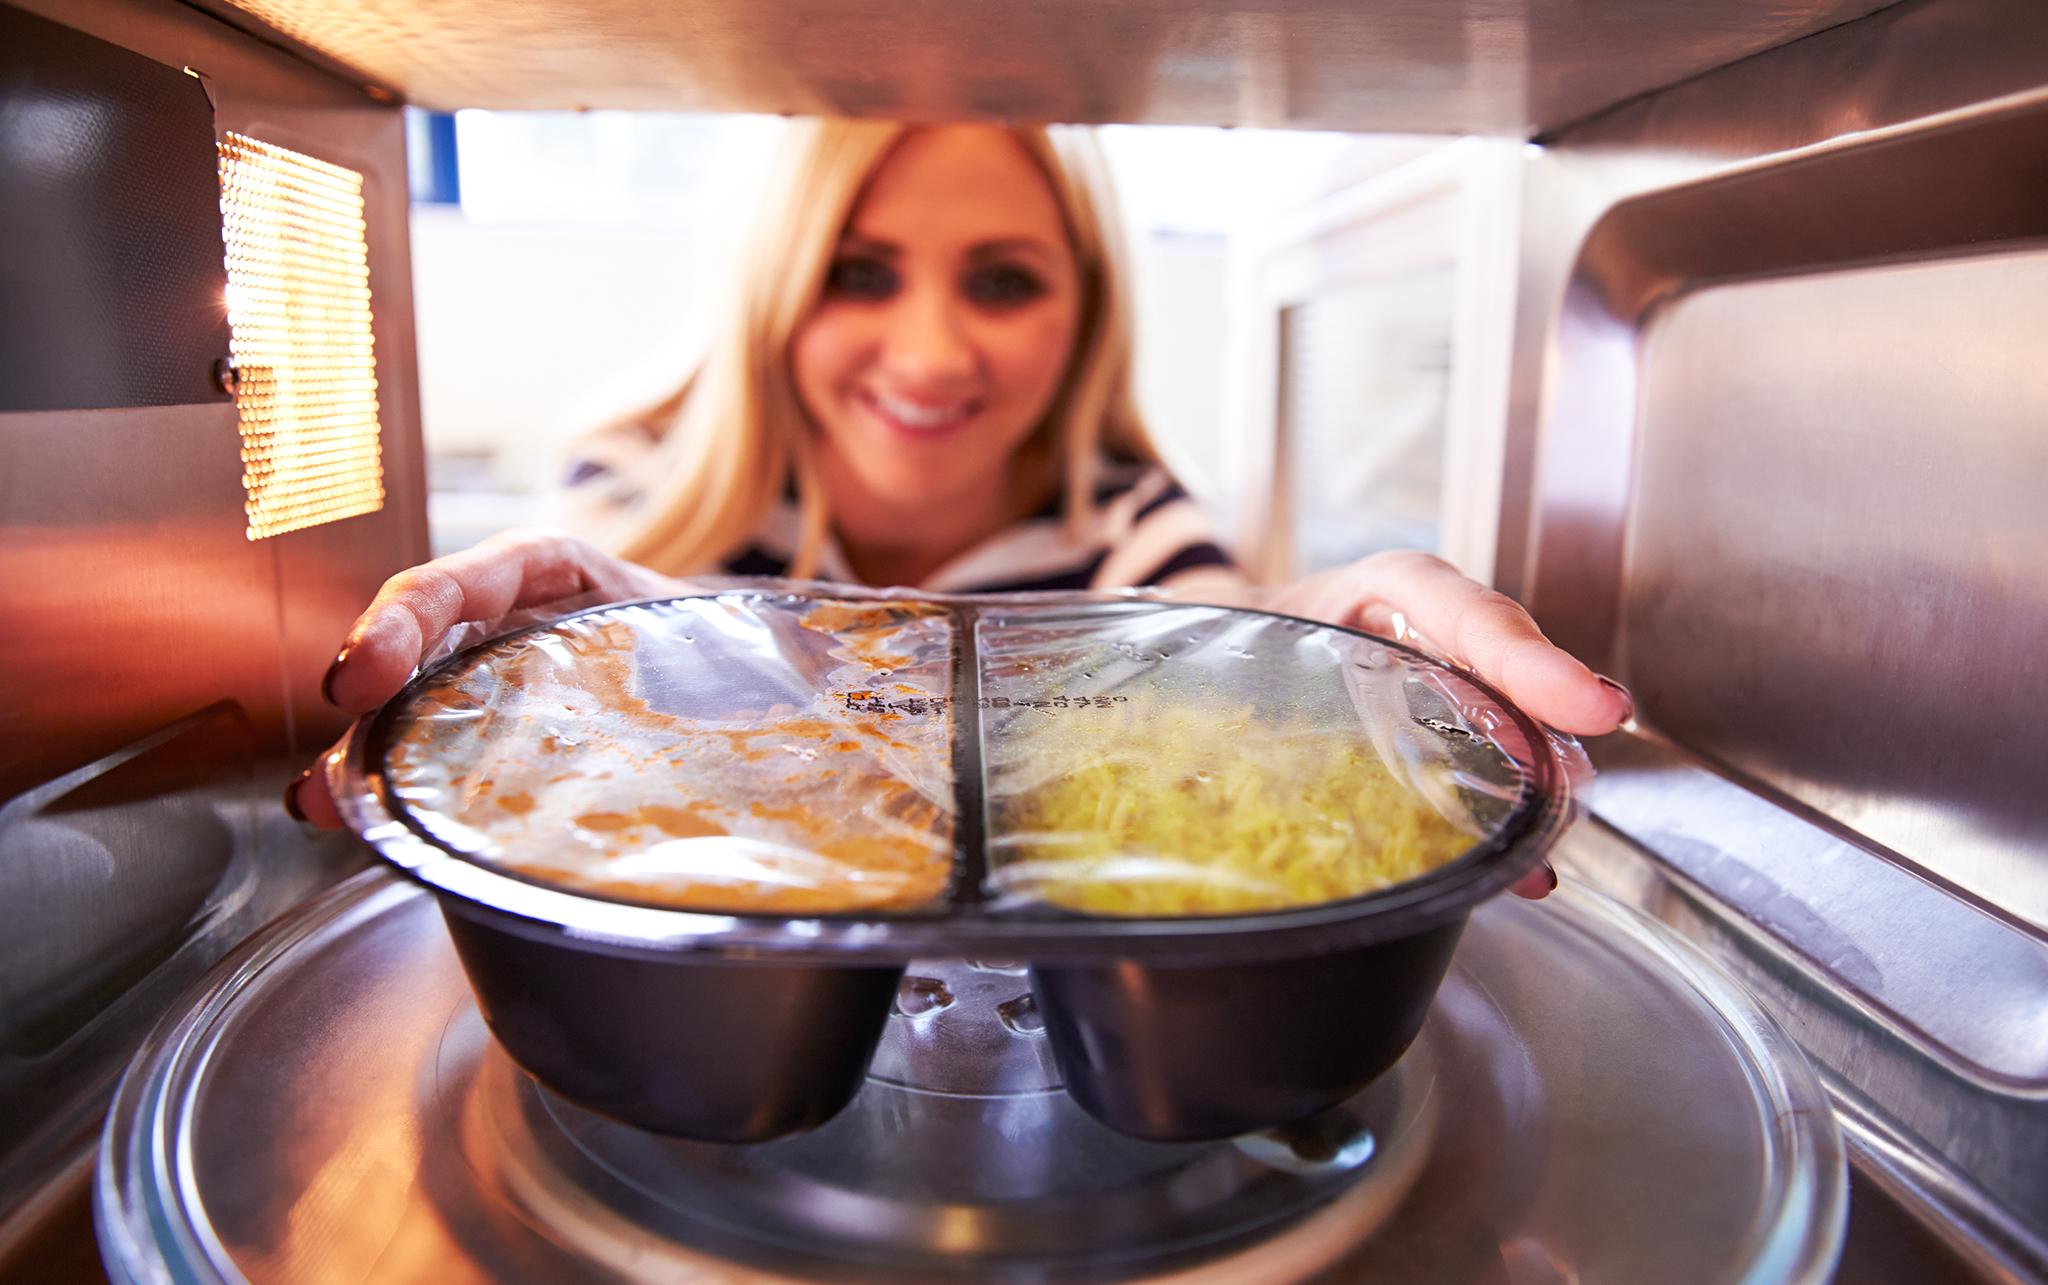 microwaving food